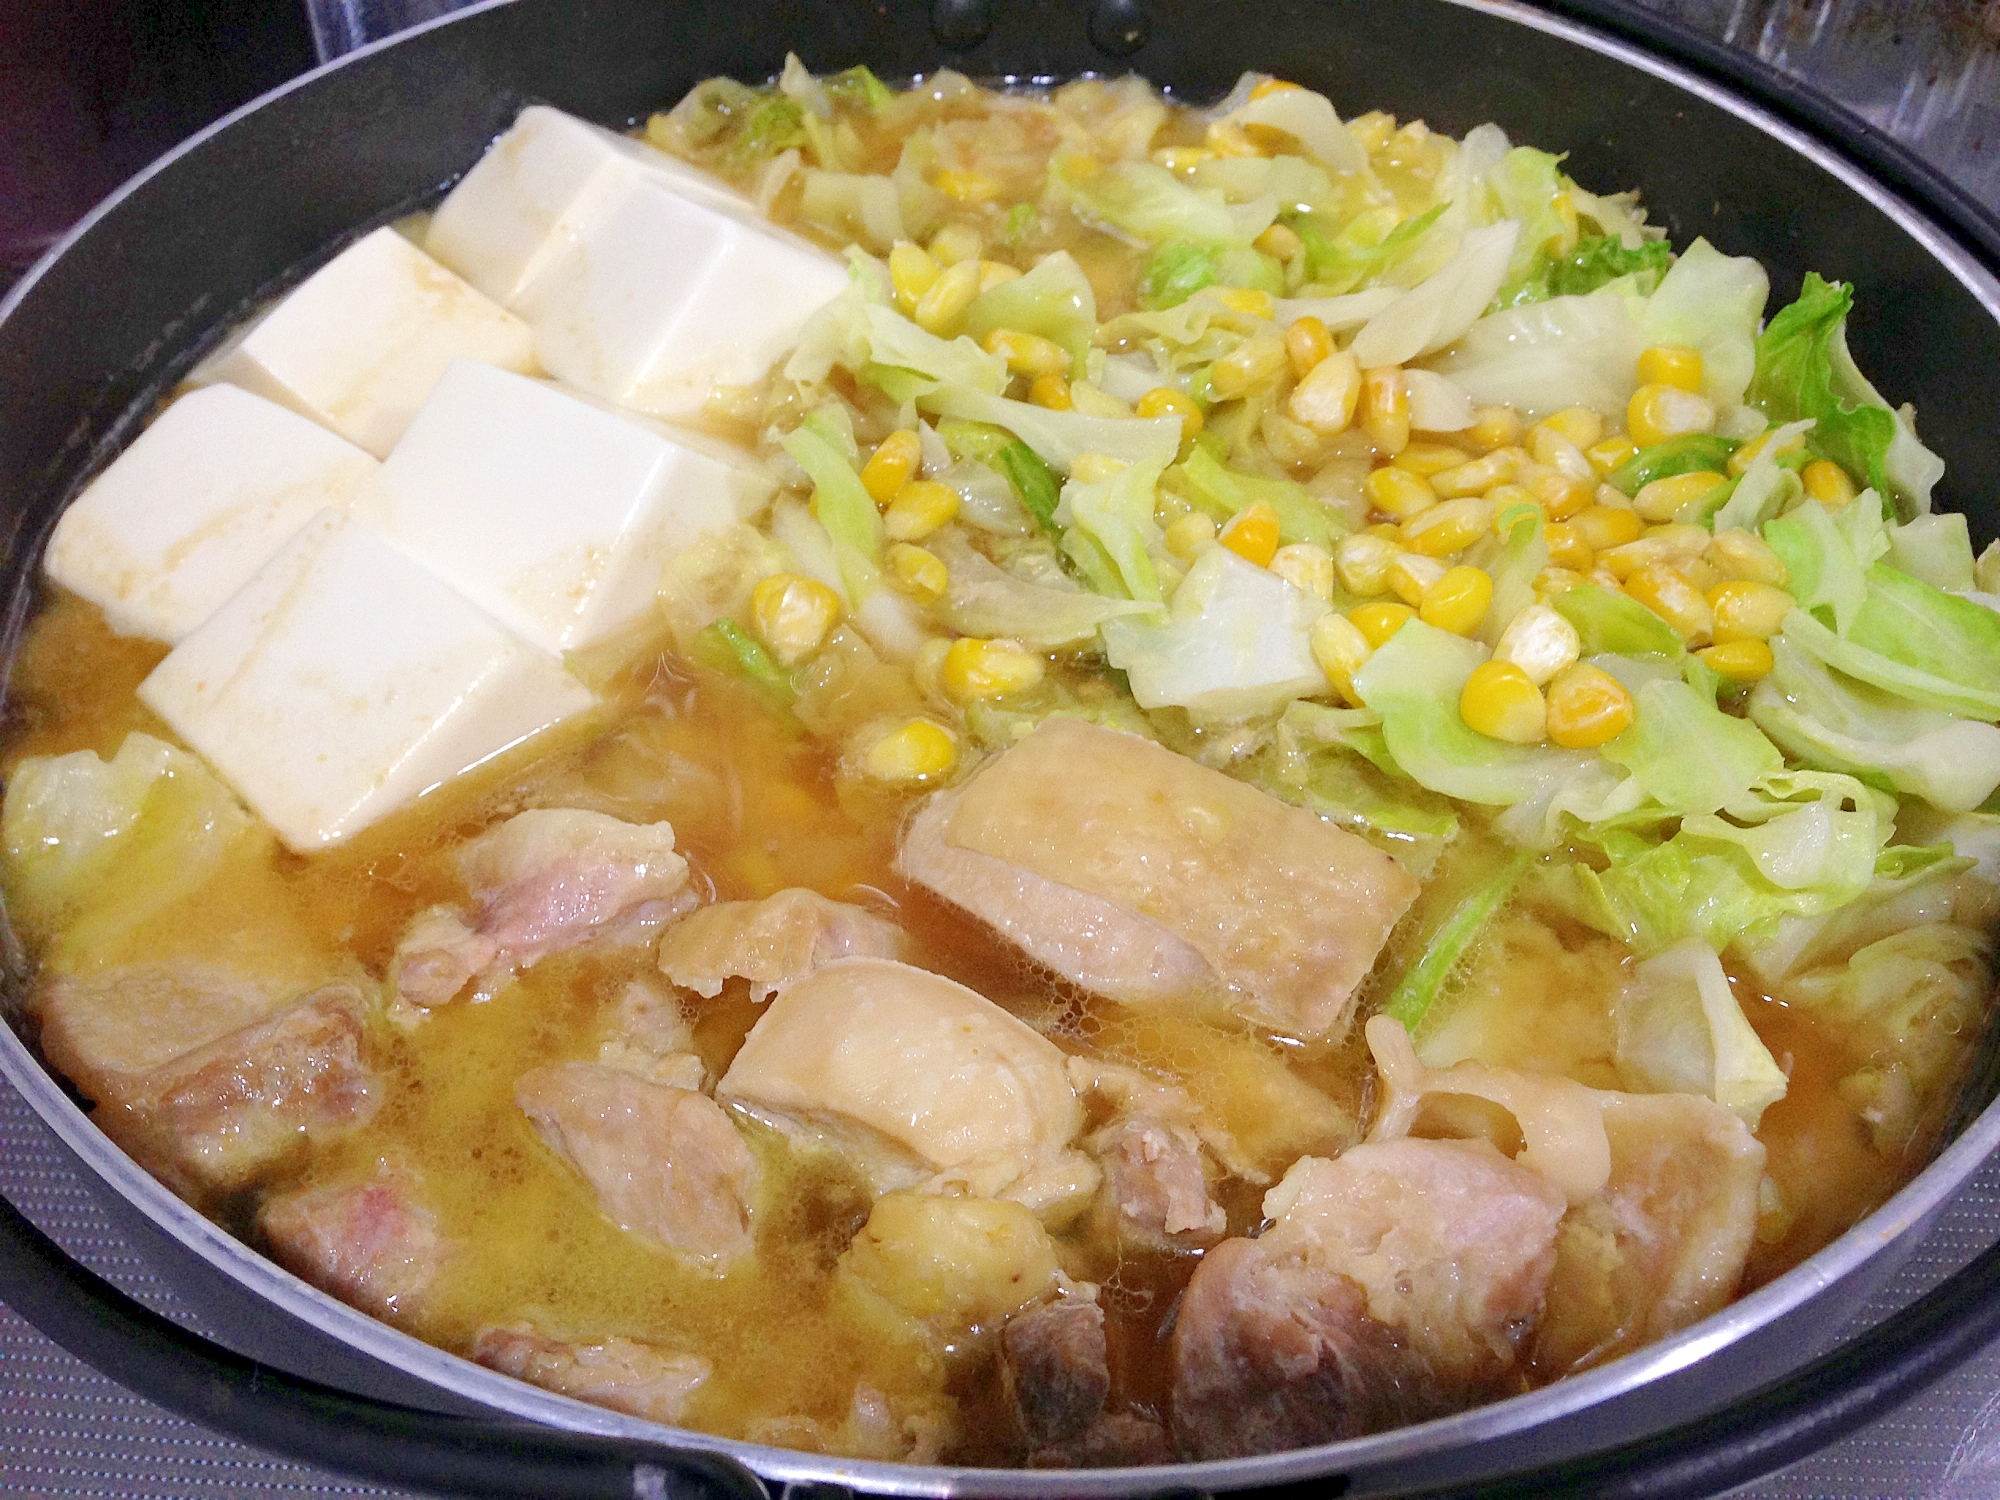 簡単手作り☆鶏肉とキャベツの味噌バター鍋 レシピ・作り方 by うーころちゃん 楽天レシピ